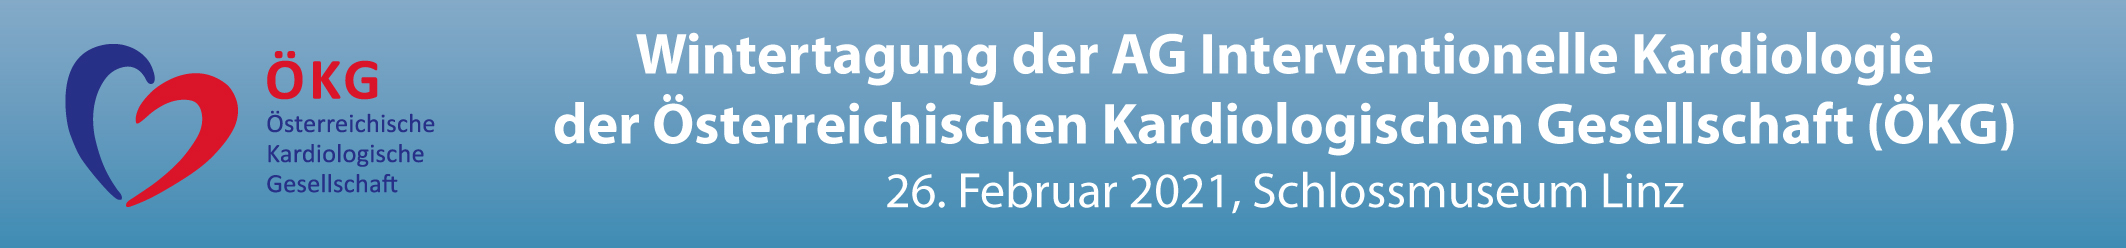 Wintertagung der AG Interventionelle Kardiologie der ÖKG